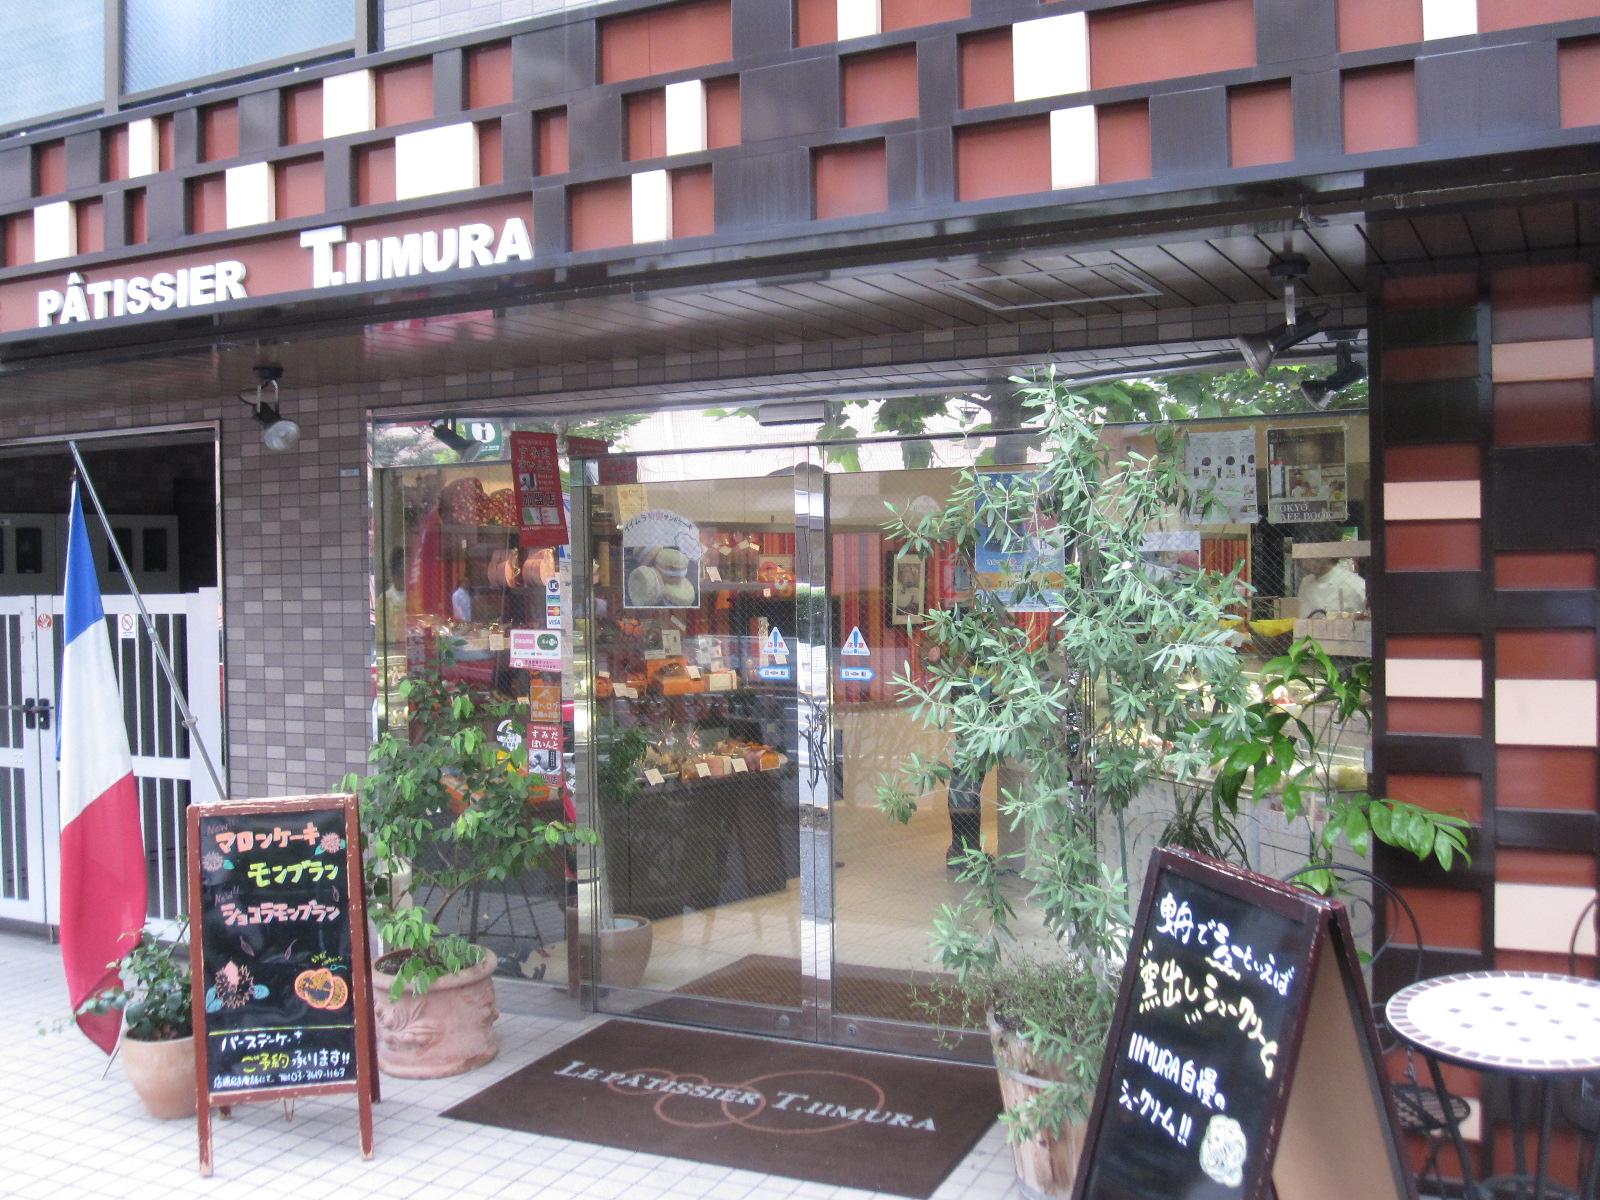 ル パティシエ ティ イイムラ お店の写真